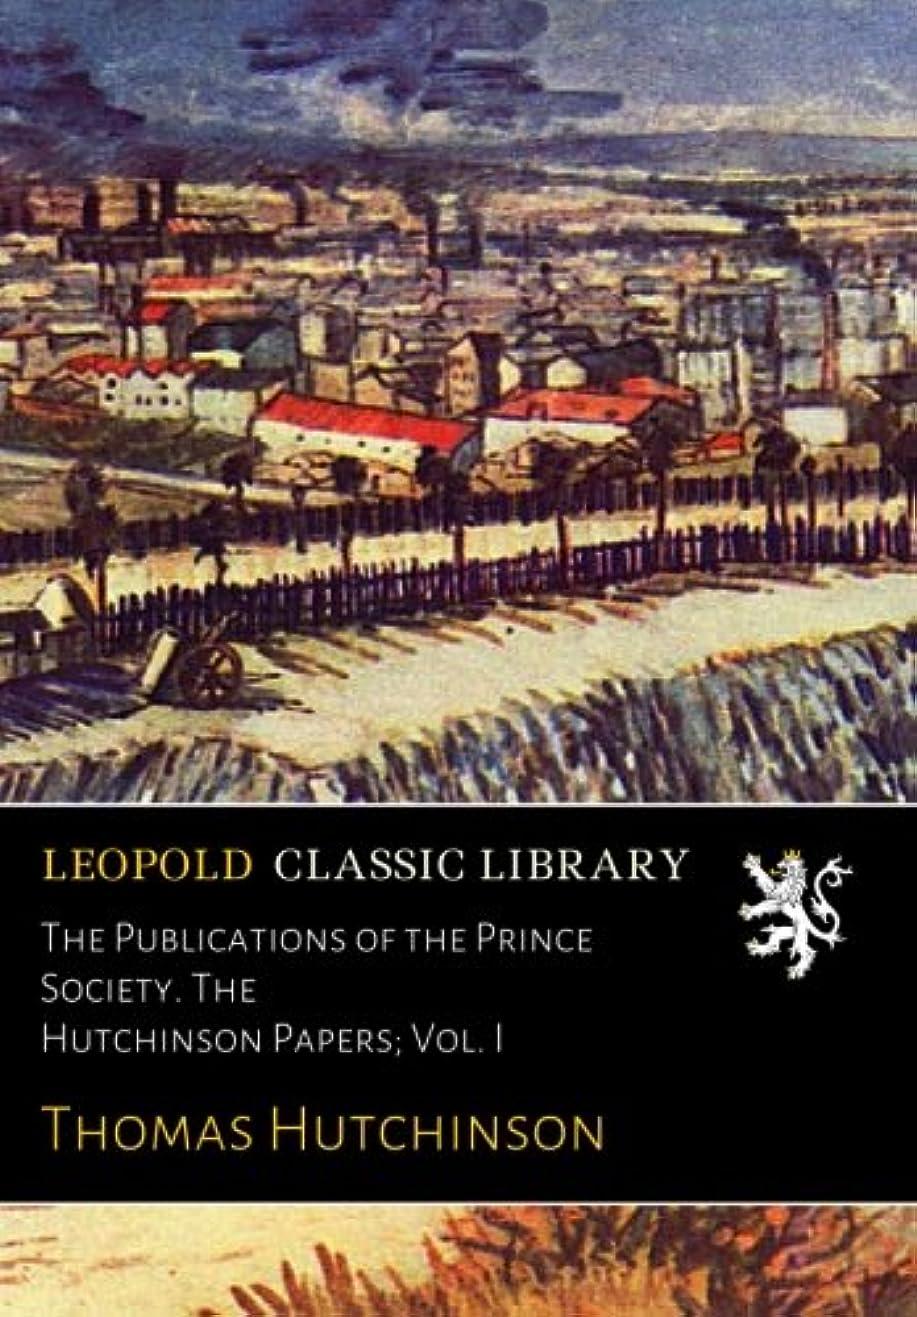 アフリカ人廃止科学者The Publications of the Prince Society. The Hutchinson Papers; Vol. I